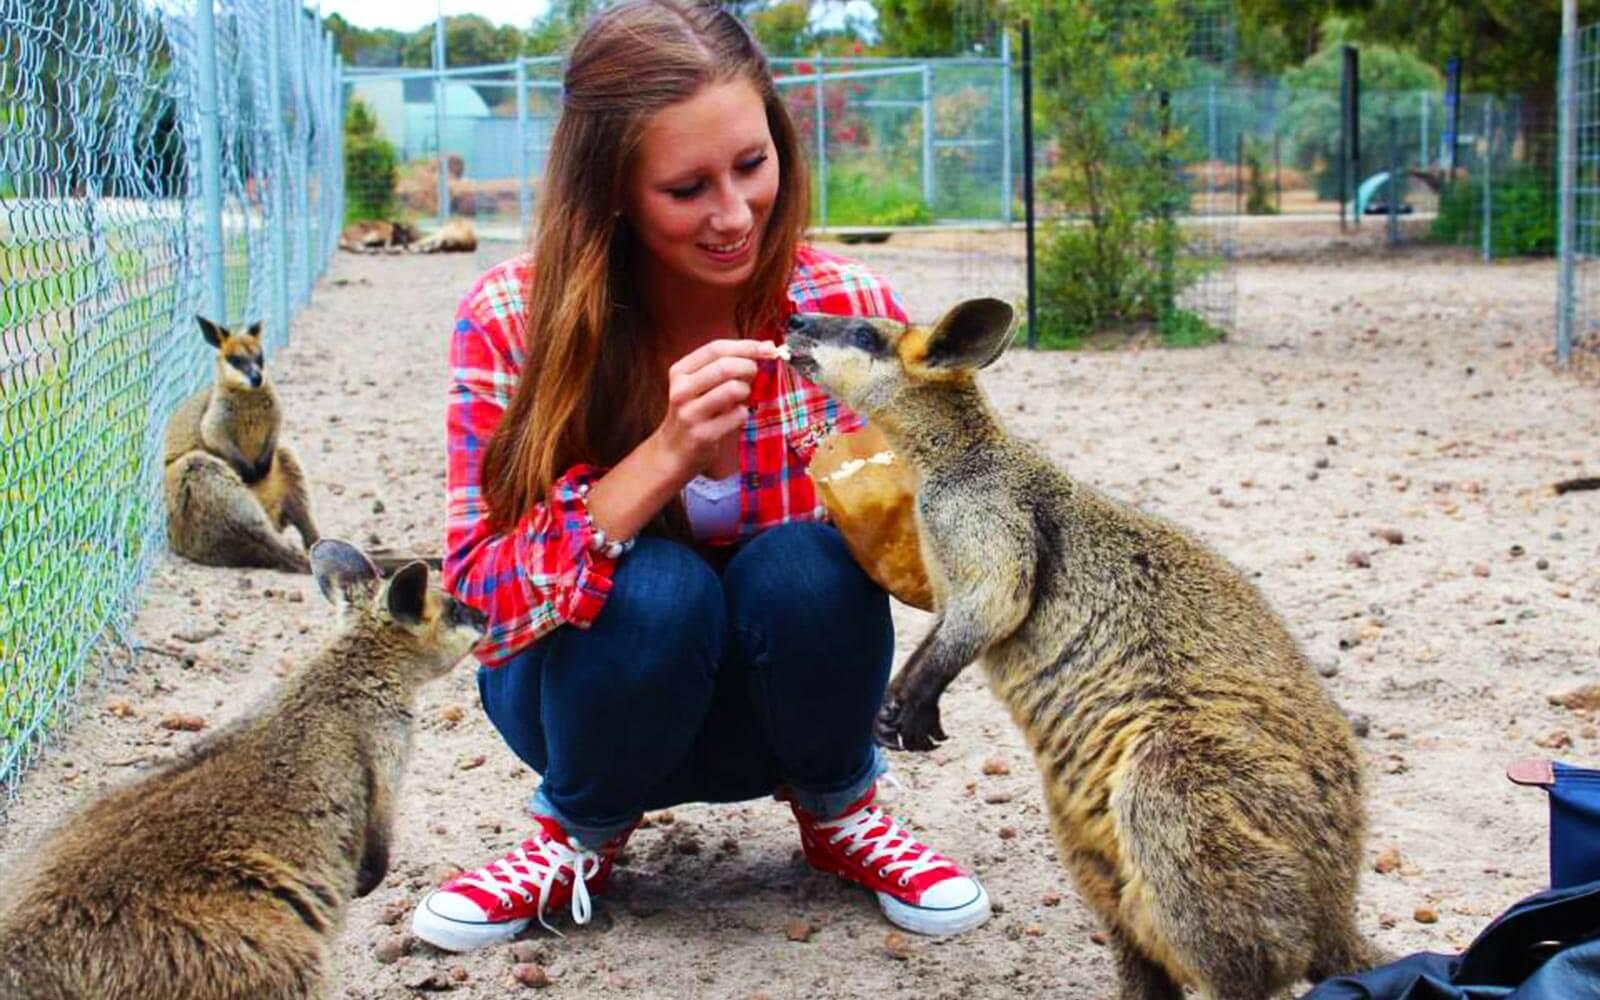 Jana füttert Kängurus